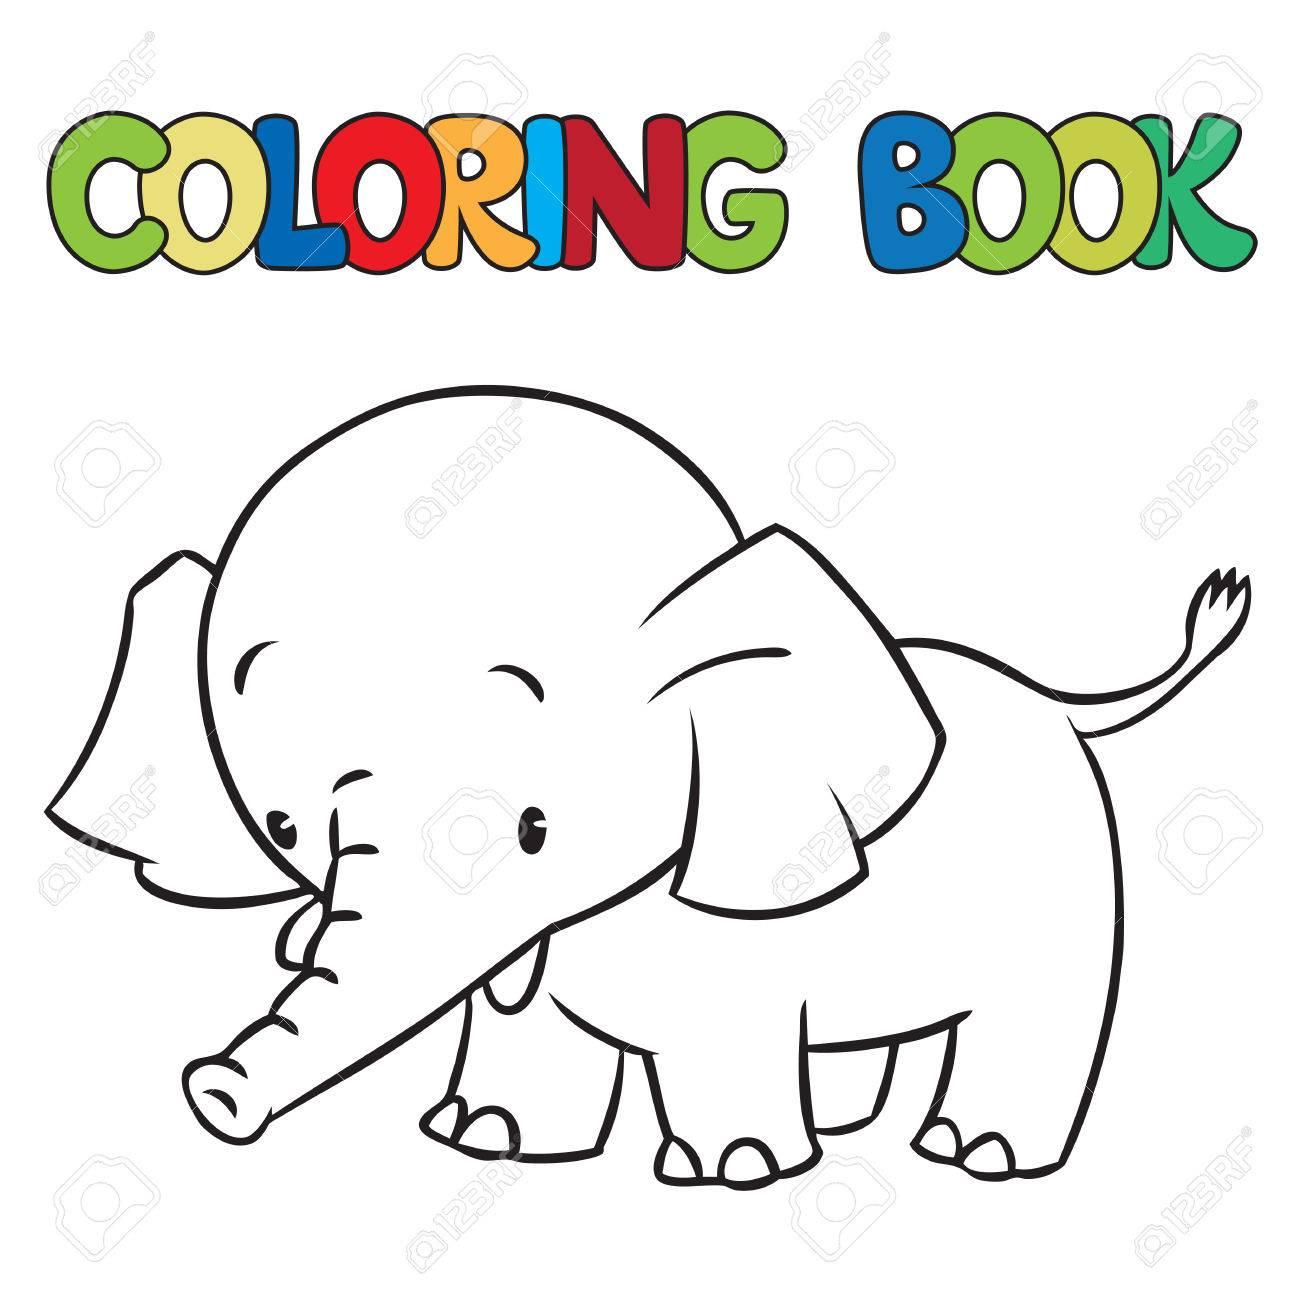 Libro Para Colorear O Una Imagen Para Colorear De Pequeño Elefante ...